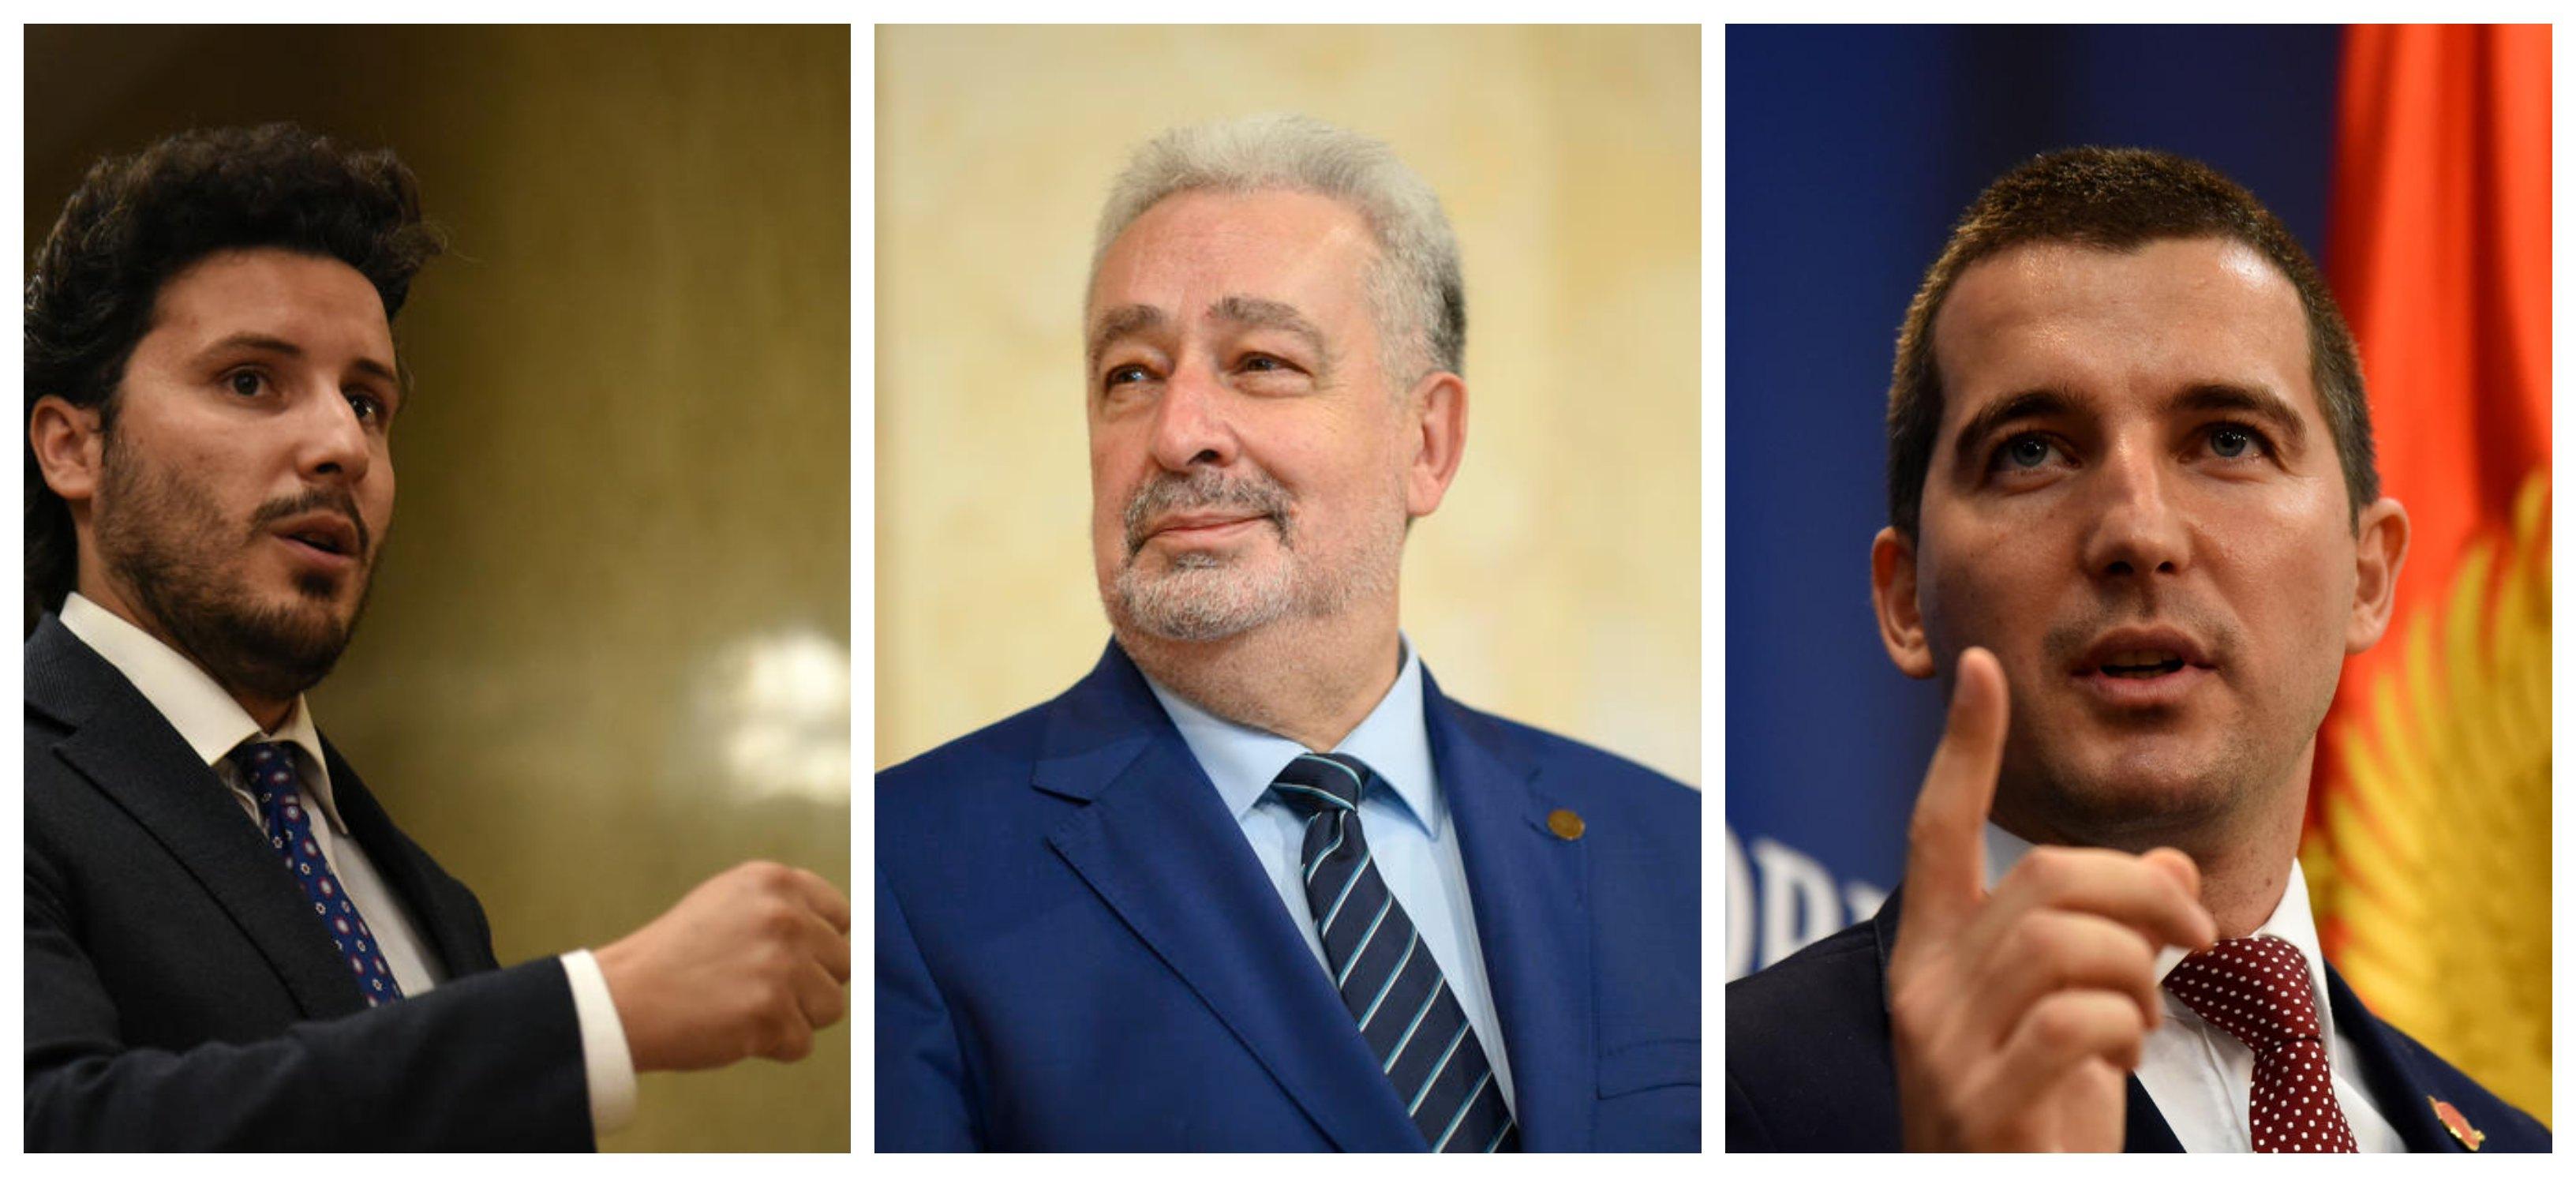 Krivokapić, Bečić i Abazović: Neprihvatljivo uplitanje inostranog faktora, protiv smo rušenja Vlade i novih izbora